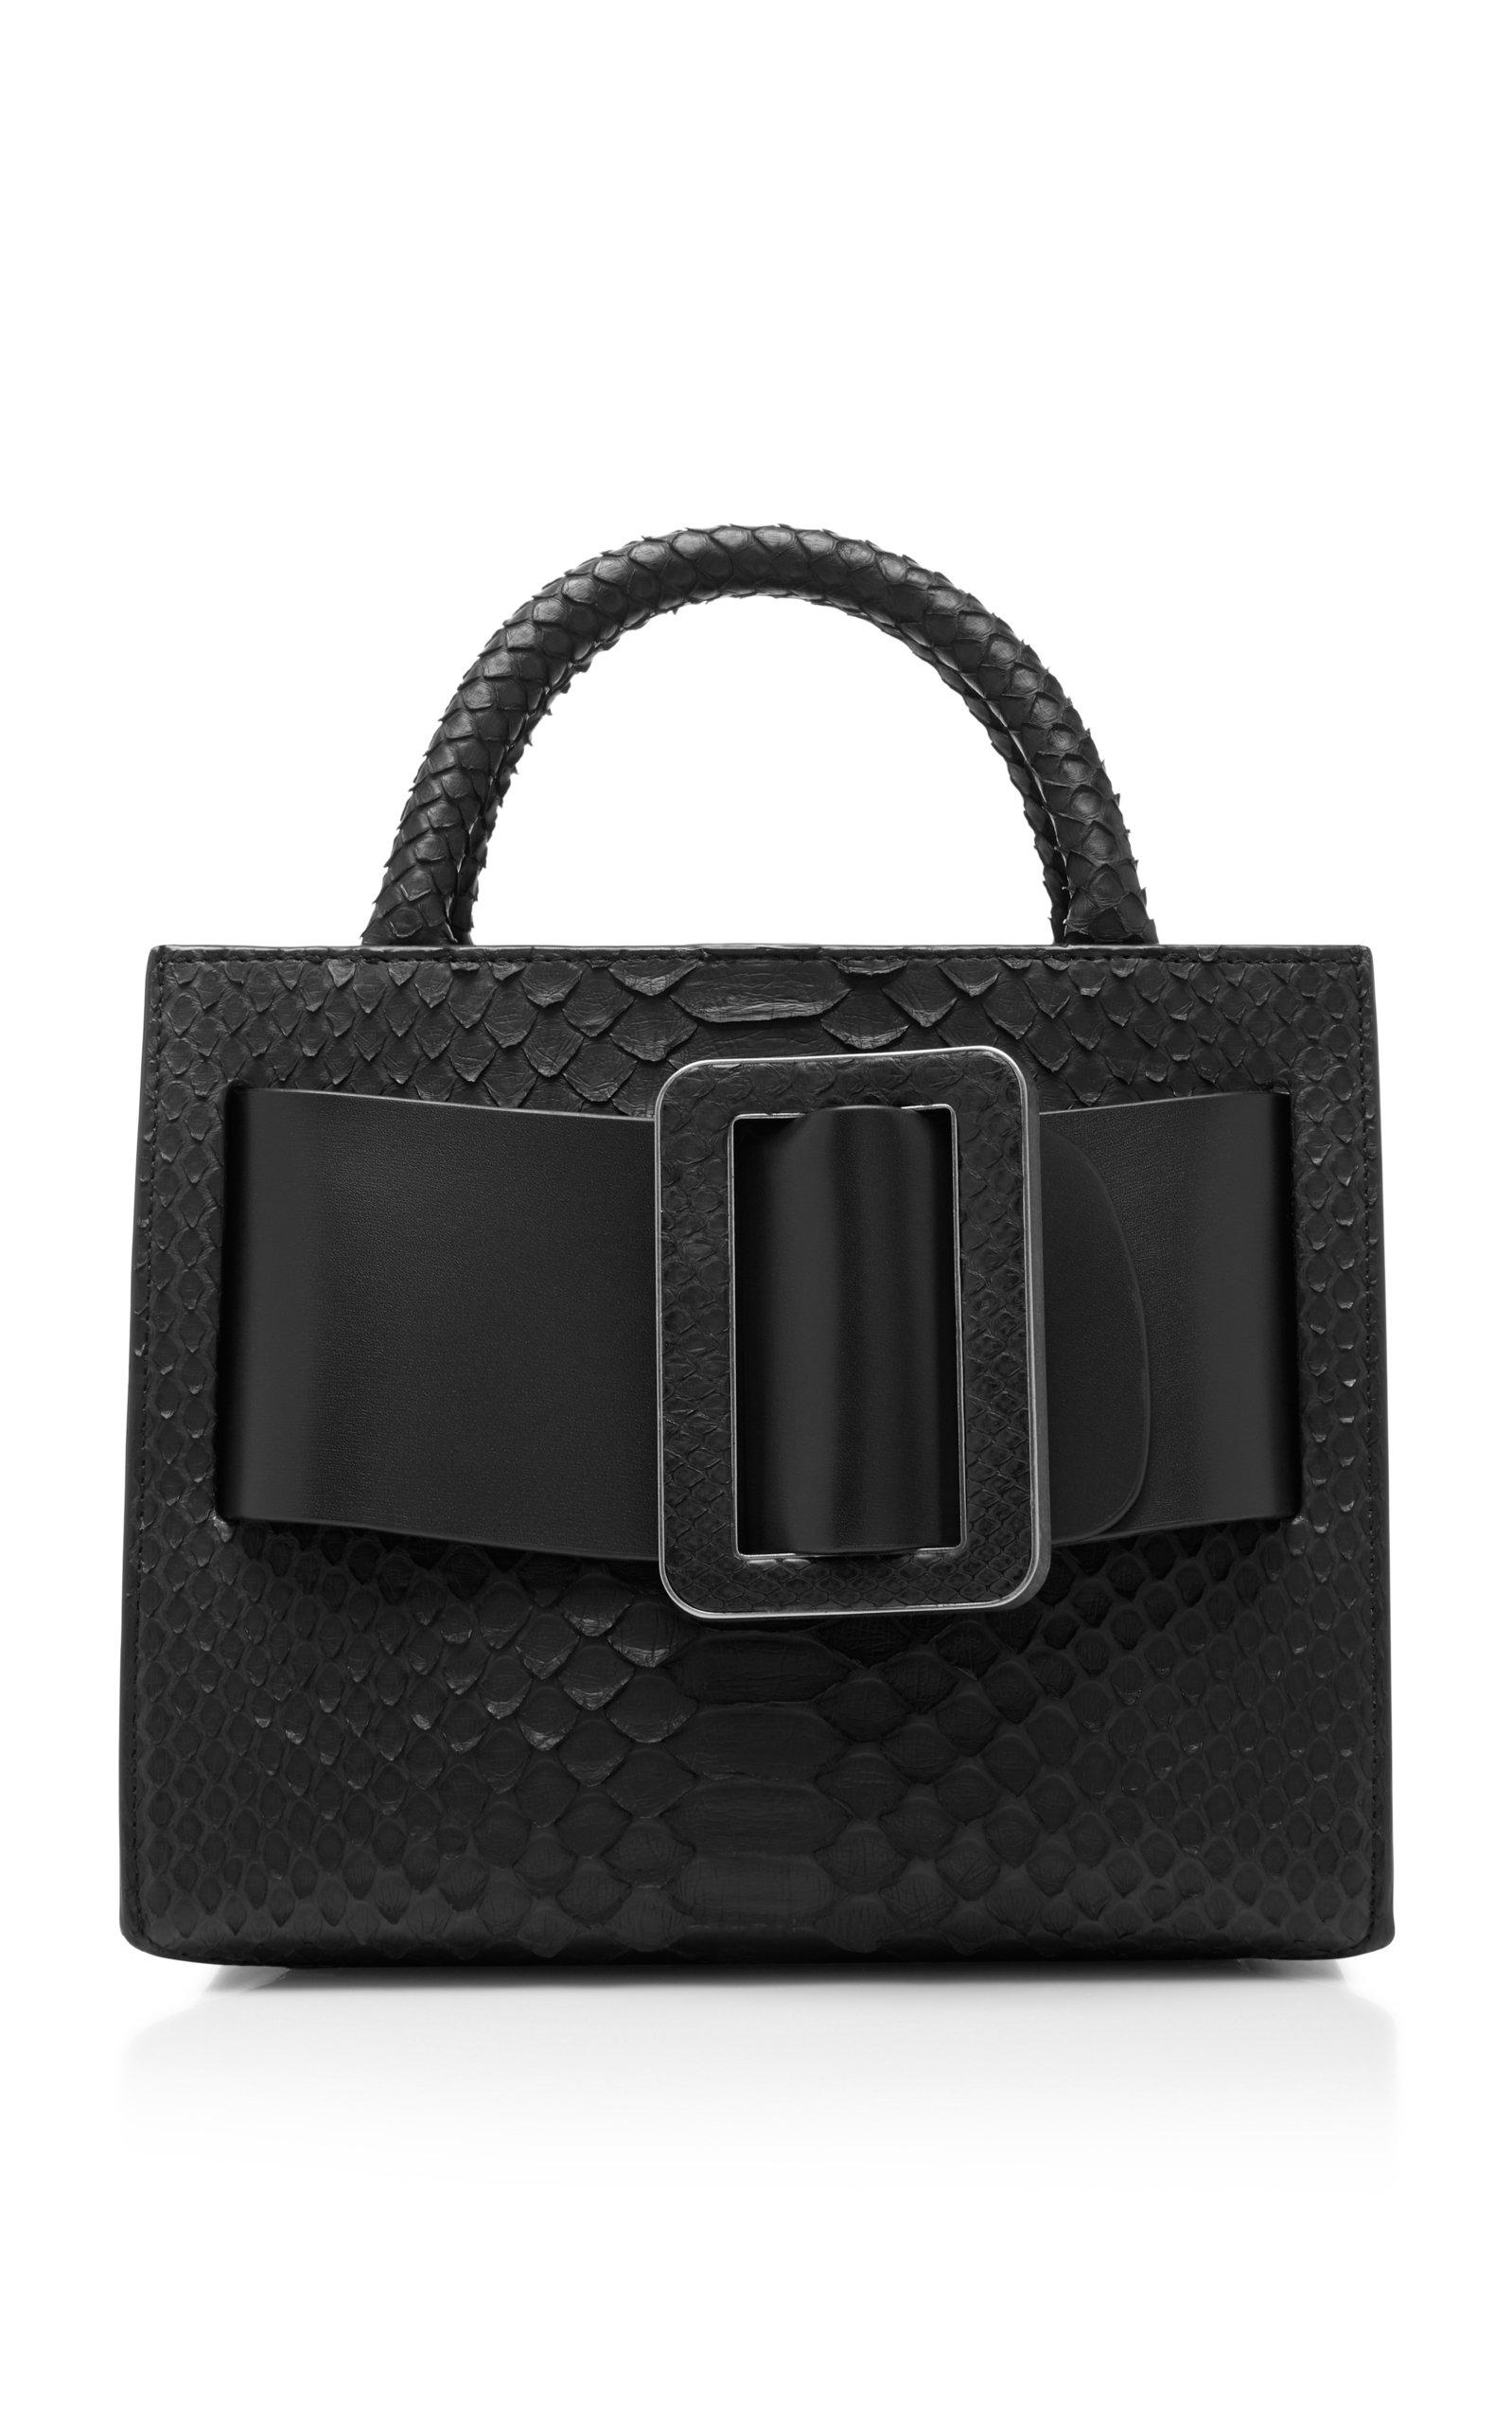 Bobby 23 Python Top Handle Bag by Boyy